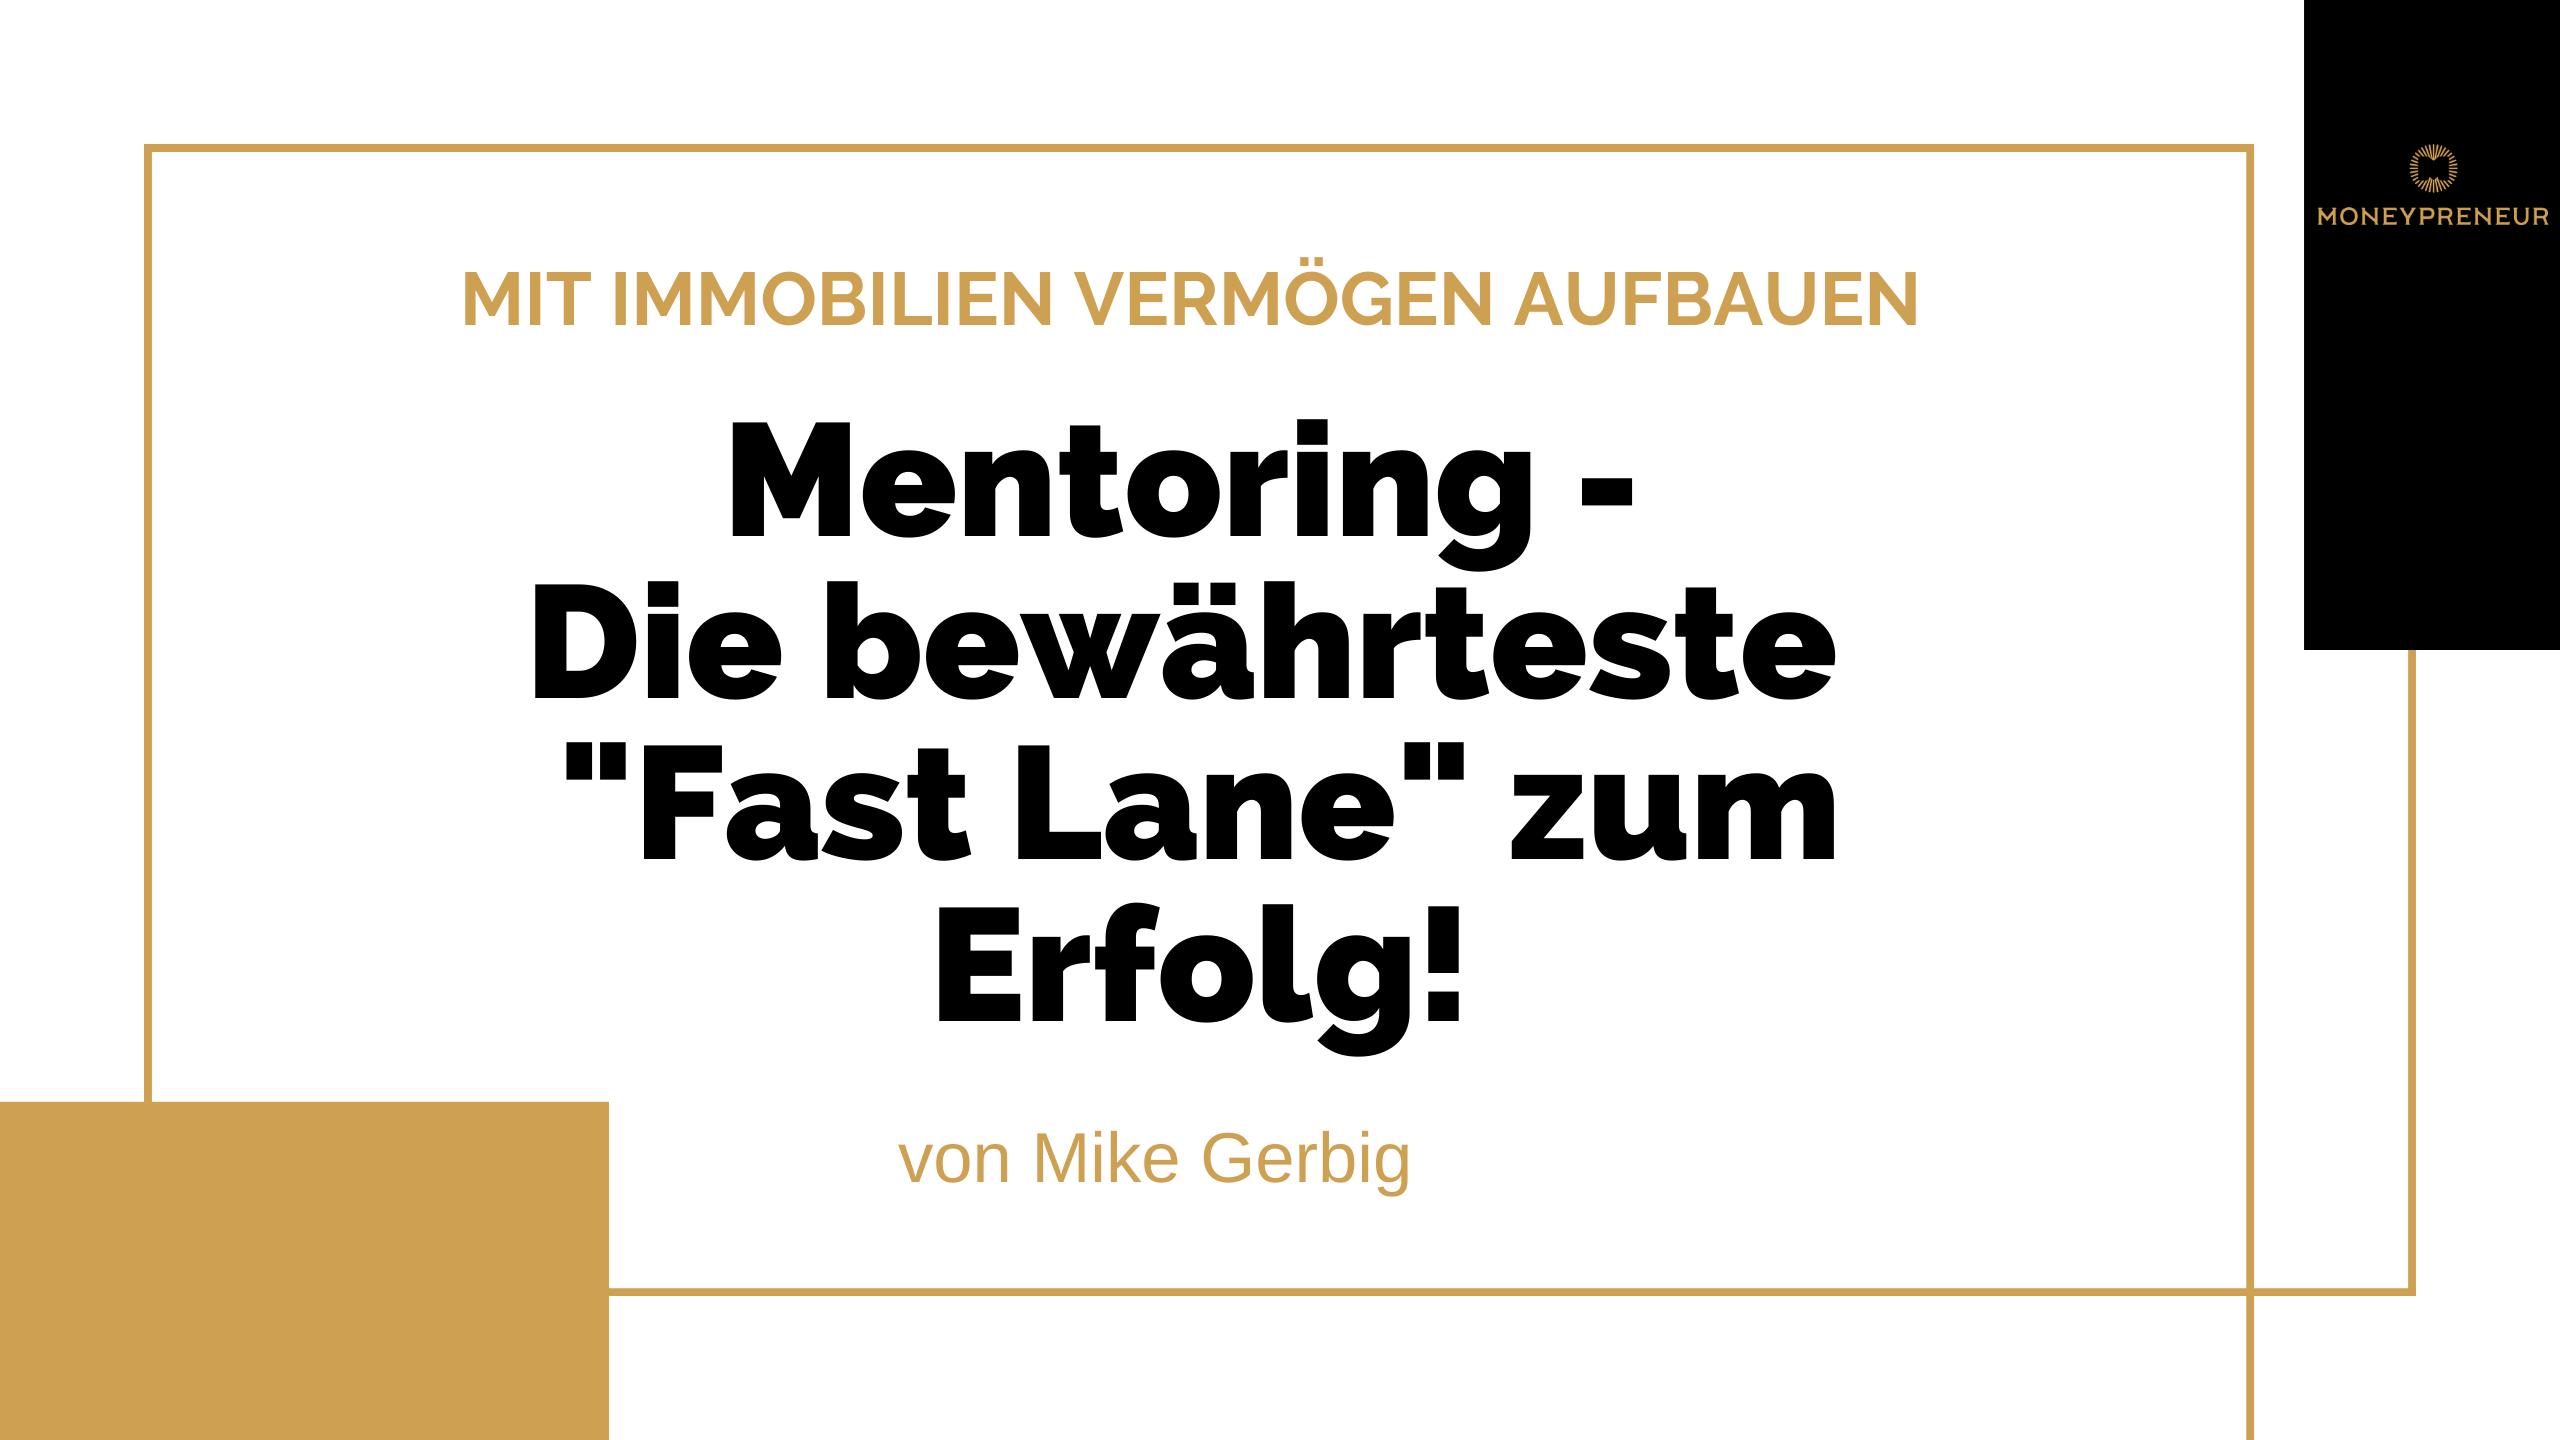 Mentoring die bewährteste Fast Lane zum Erfolg